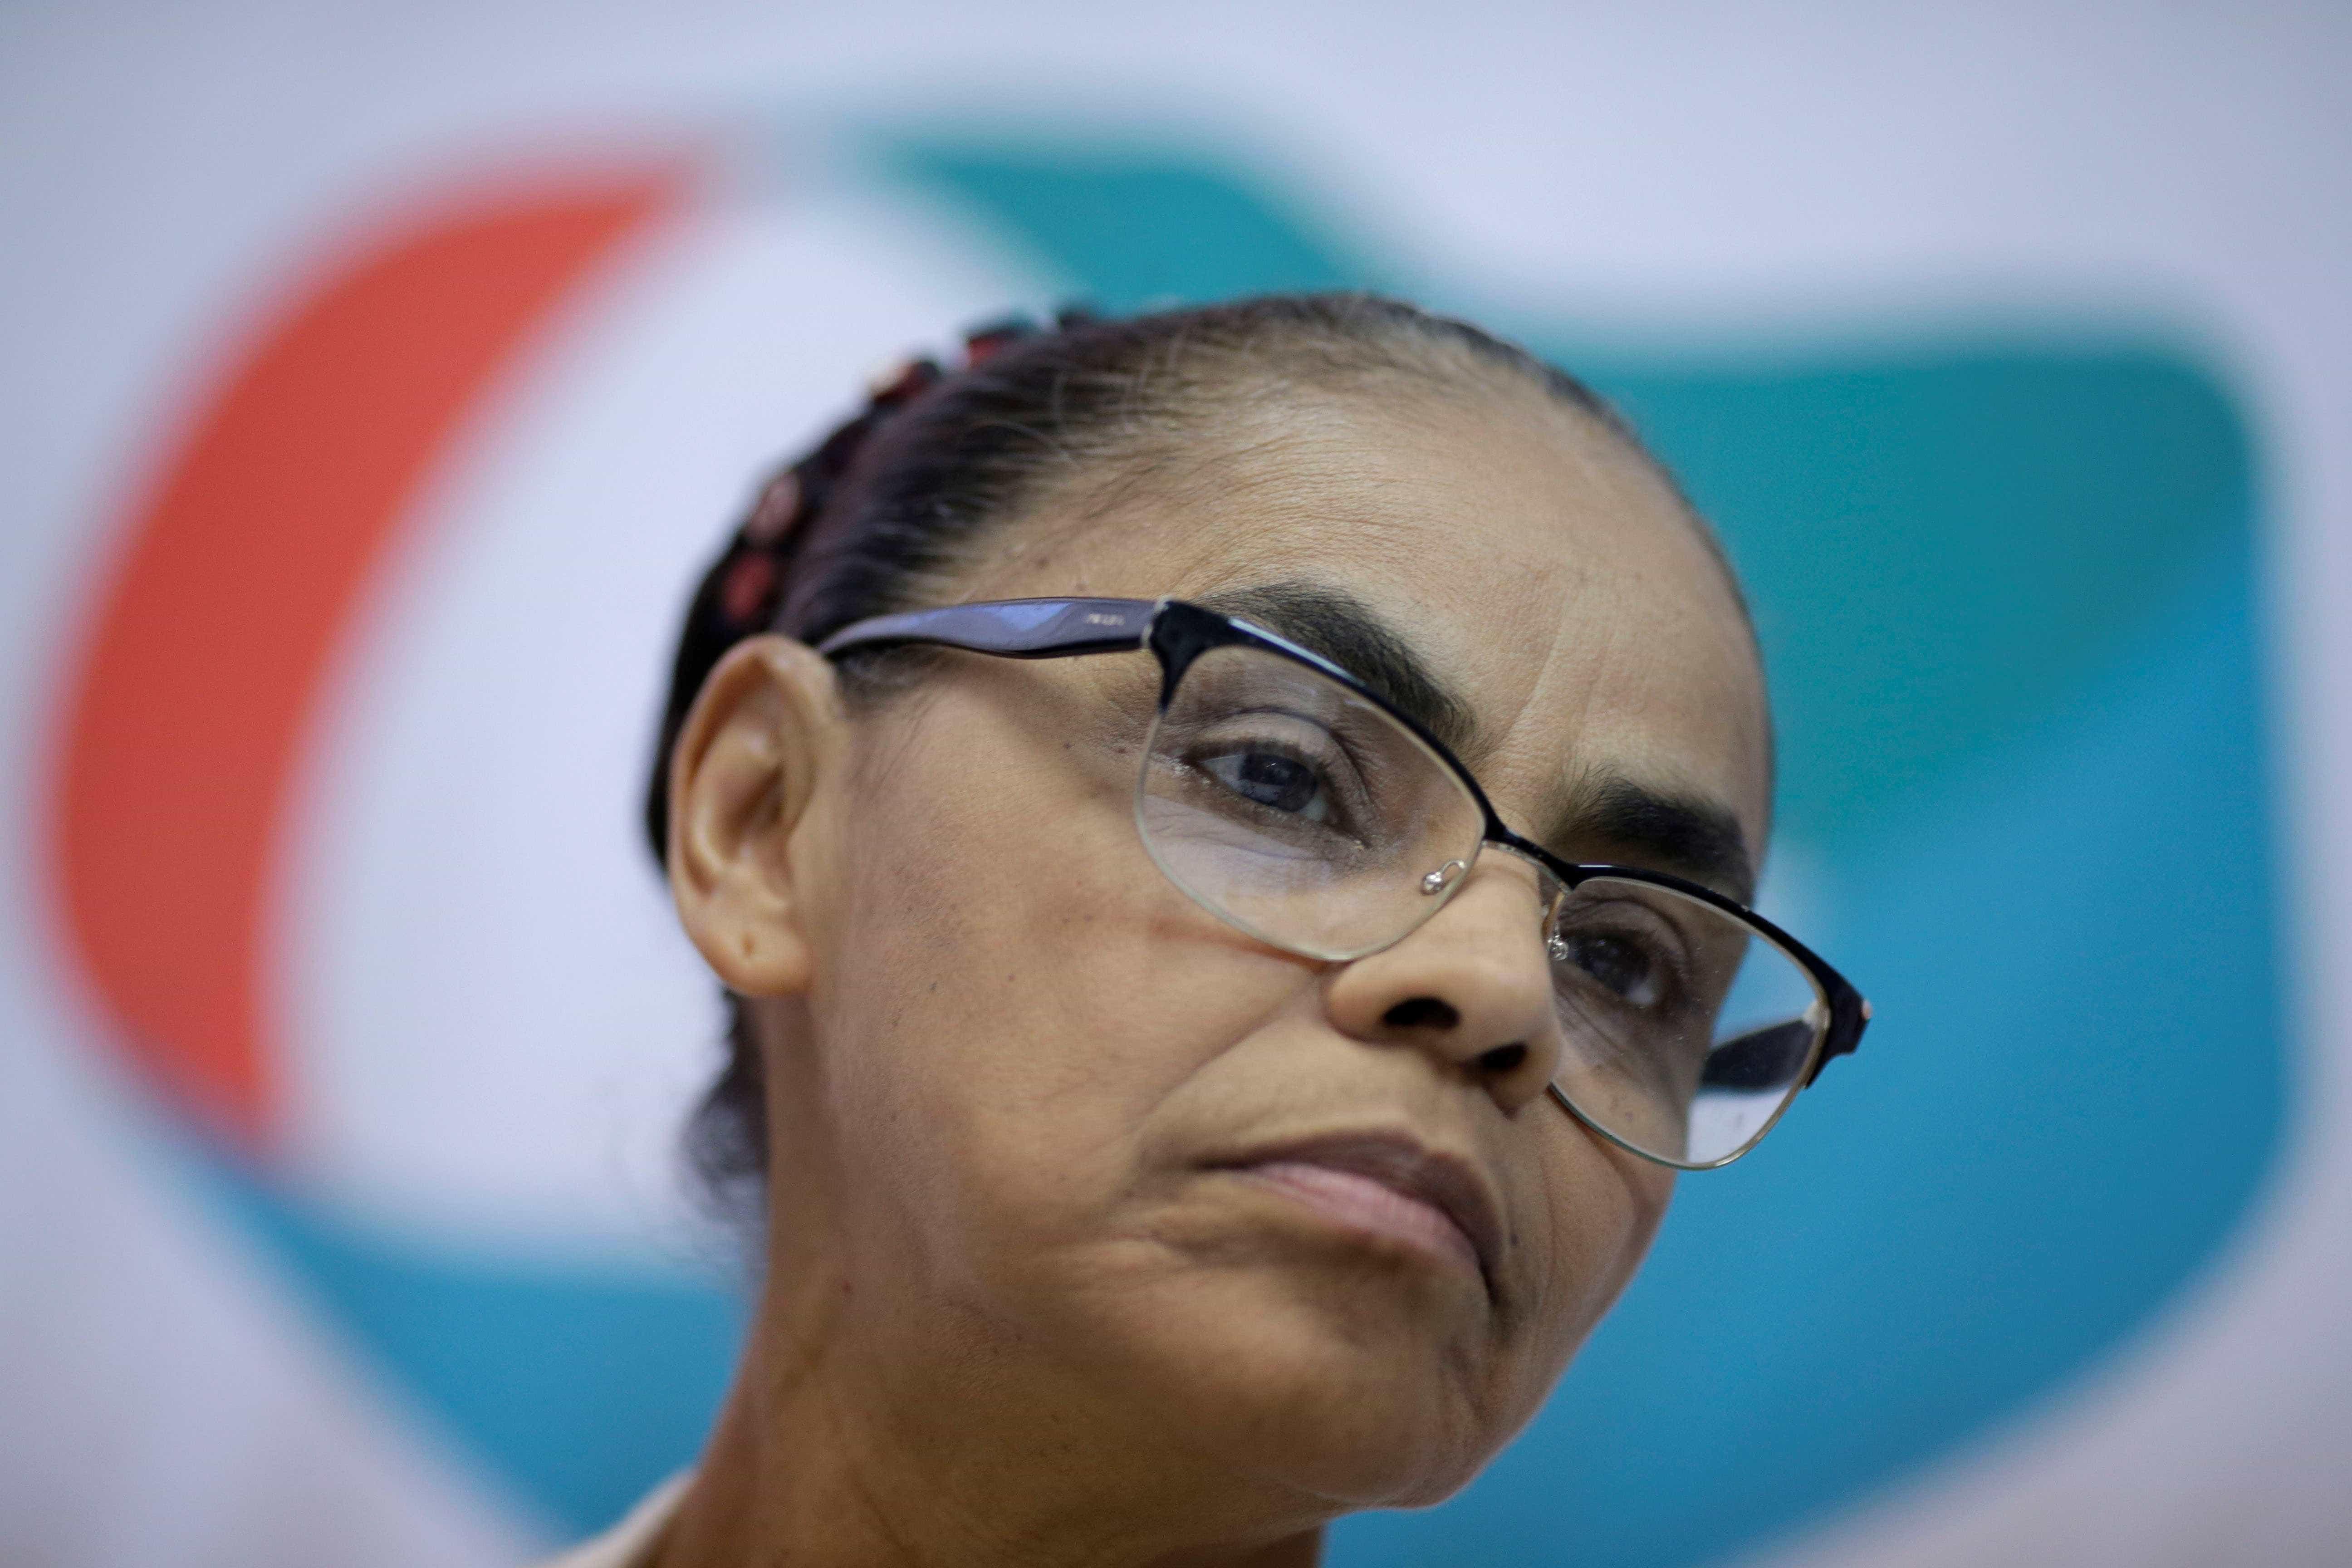 Marina critica Lula: 'Não se pode mudar a lei em função de uma pessoa'